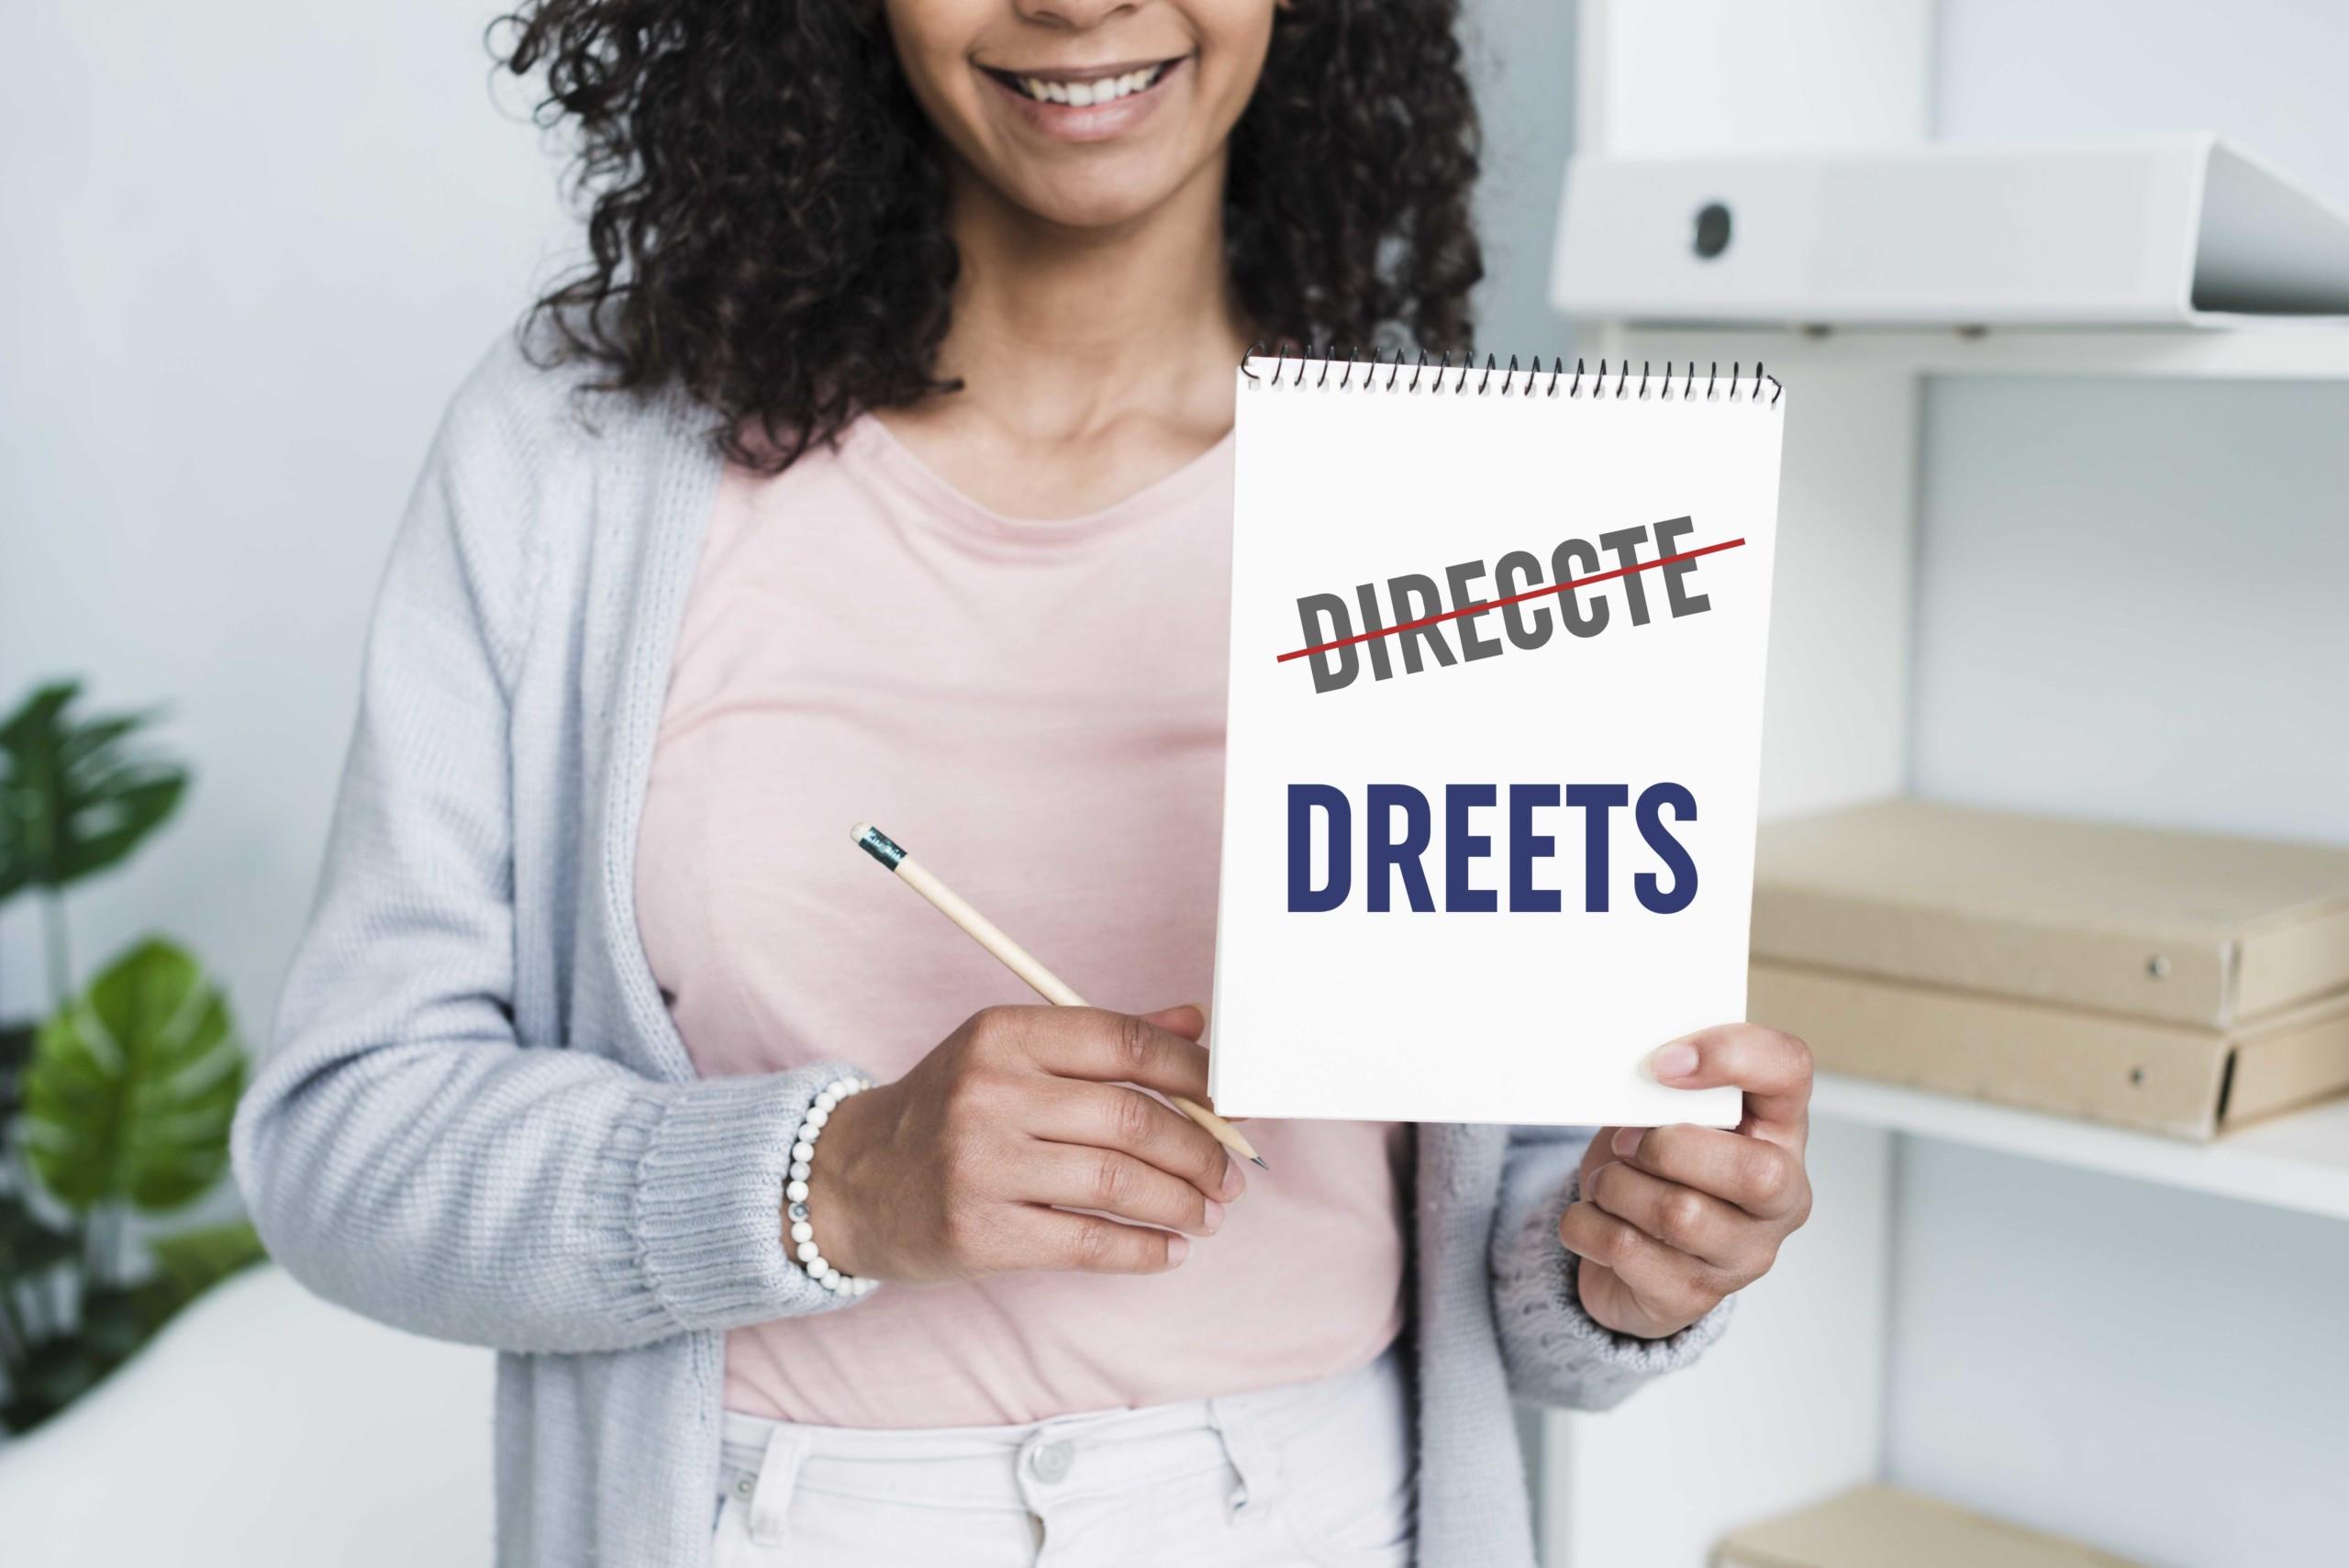 DIRECCTE DEVIENT DREETS